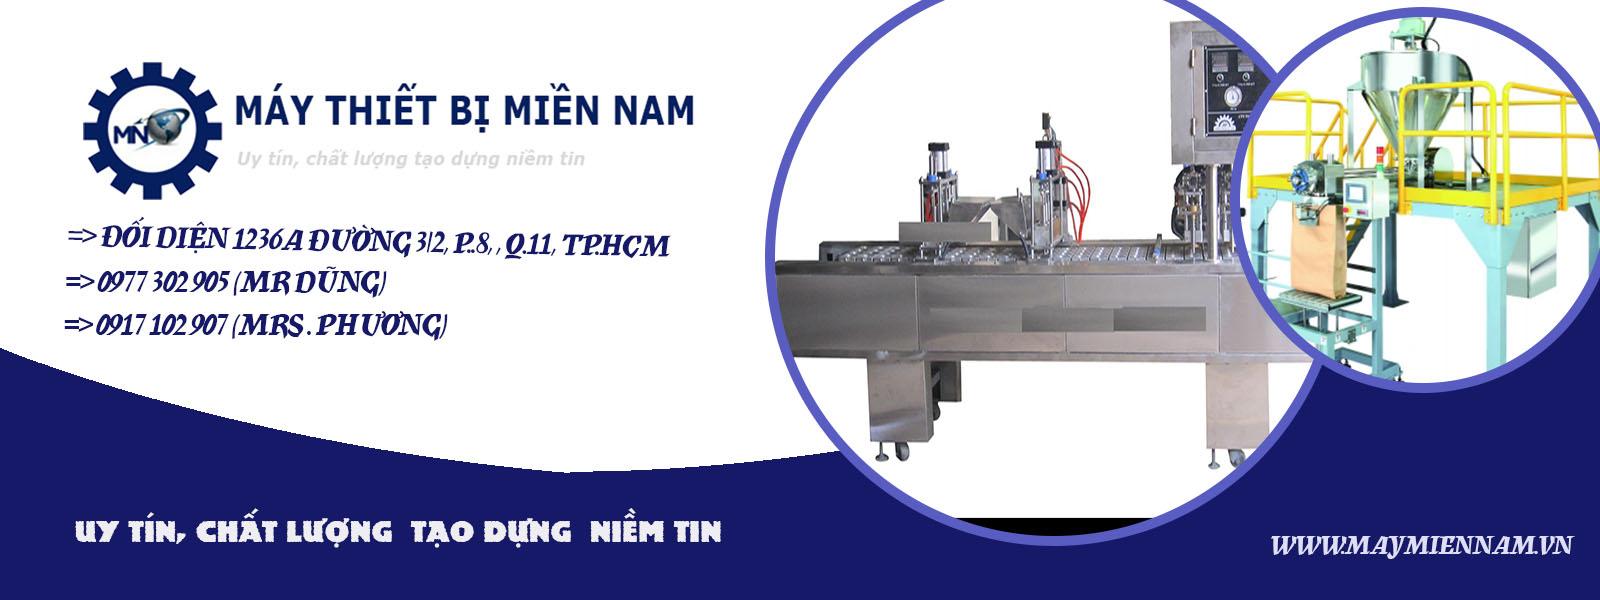 máy hàn miệng bao mini tại TP HCM